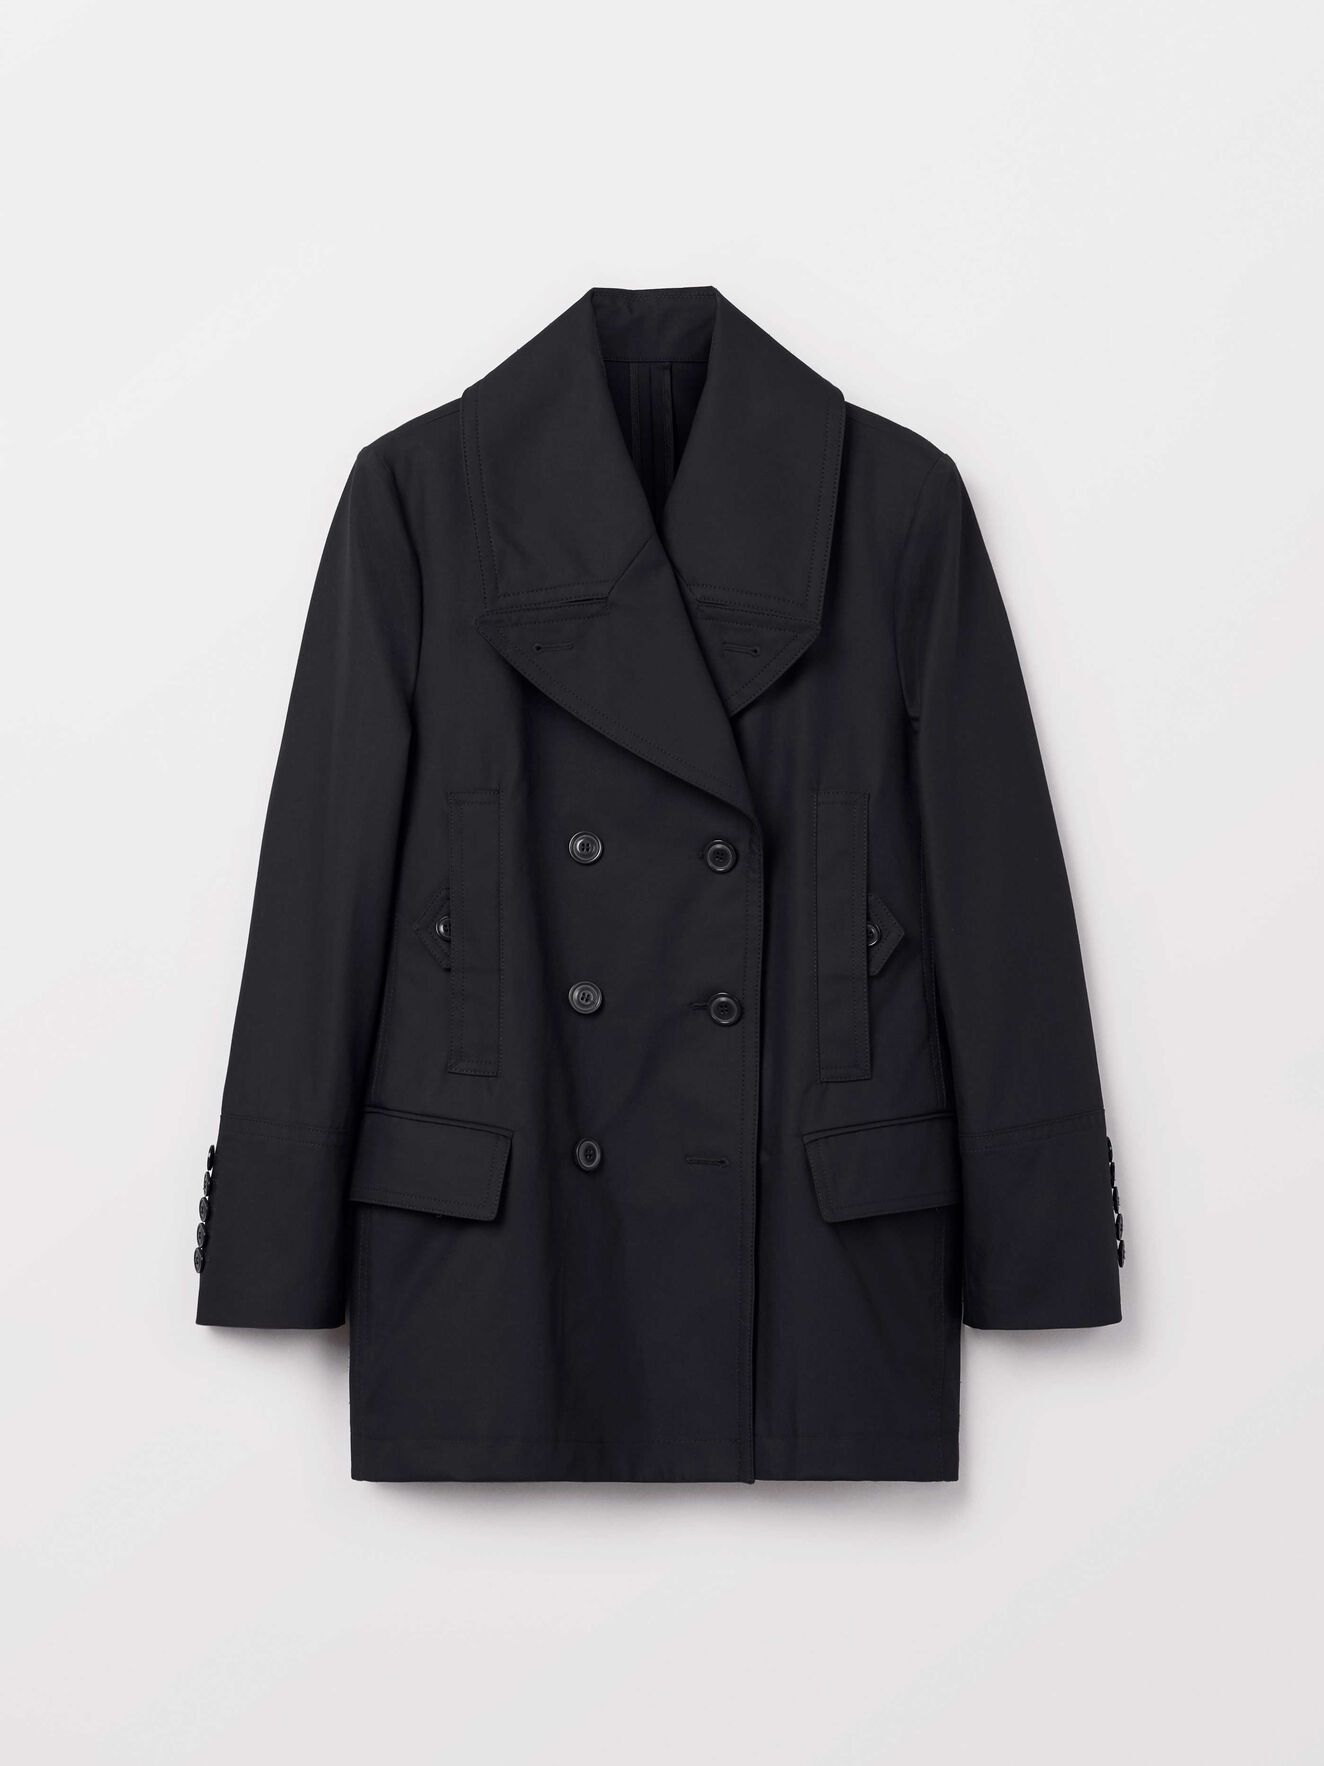 Alhena Jacket in Black from Tiger of Sweden